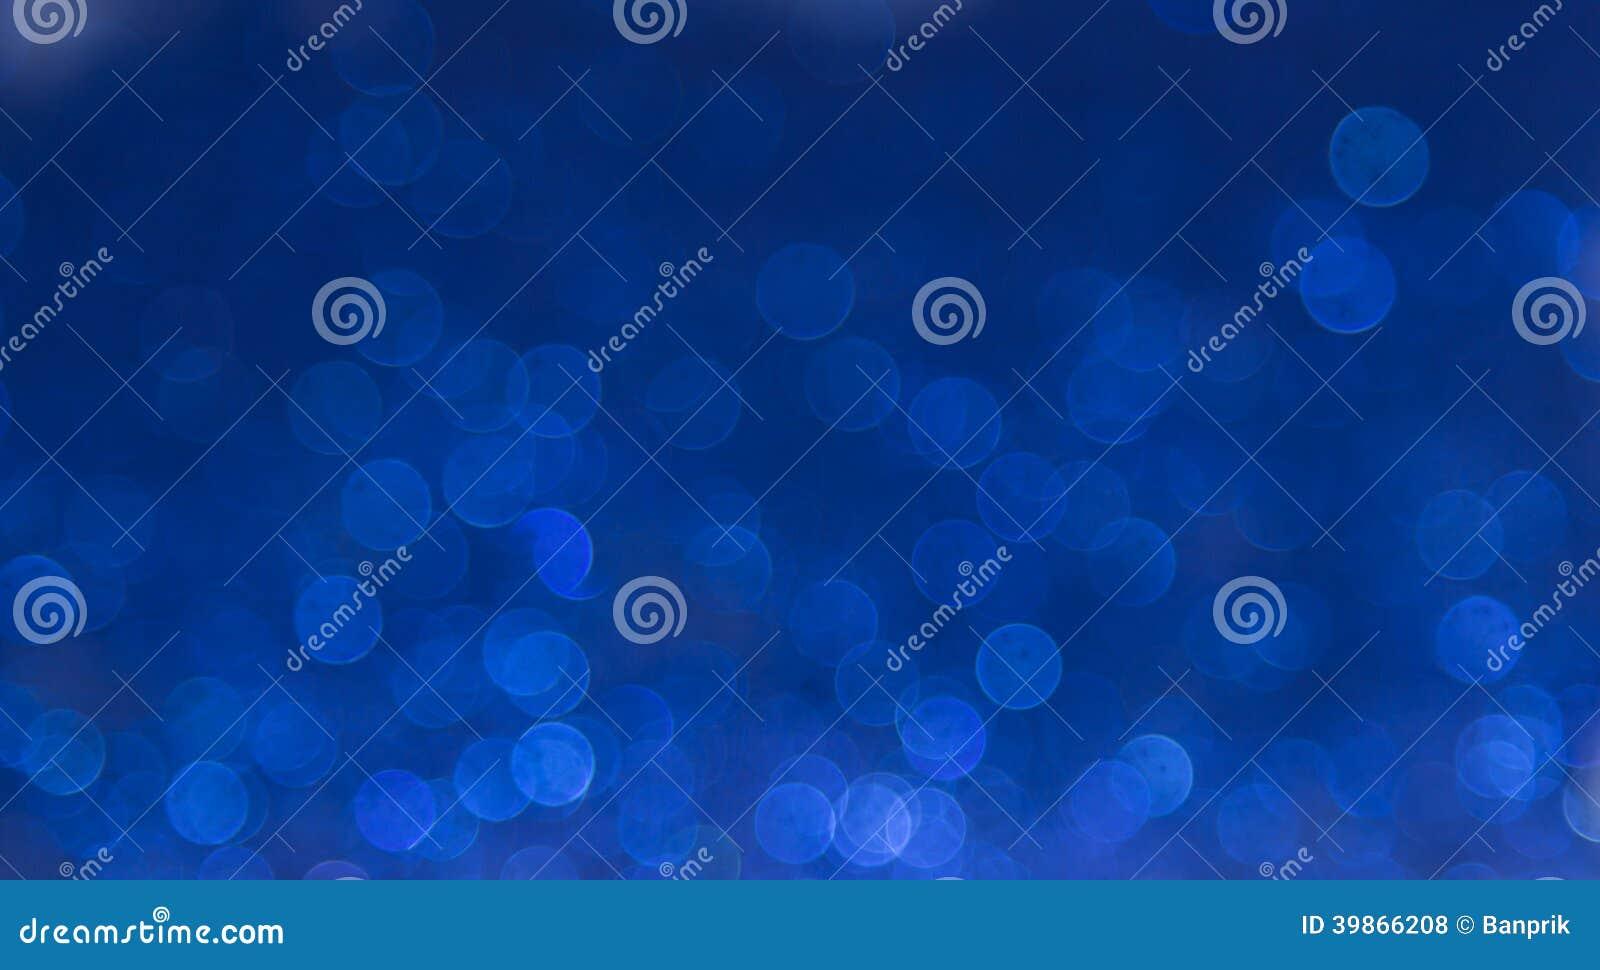 Błękitny elegancki abstrakcjonistyczny bokeh tło